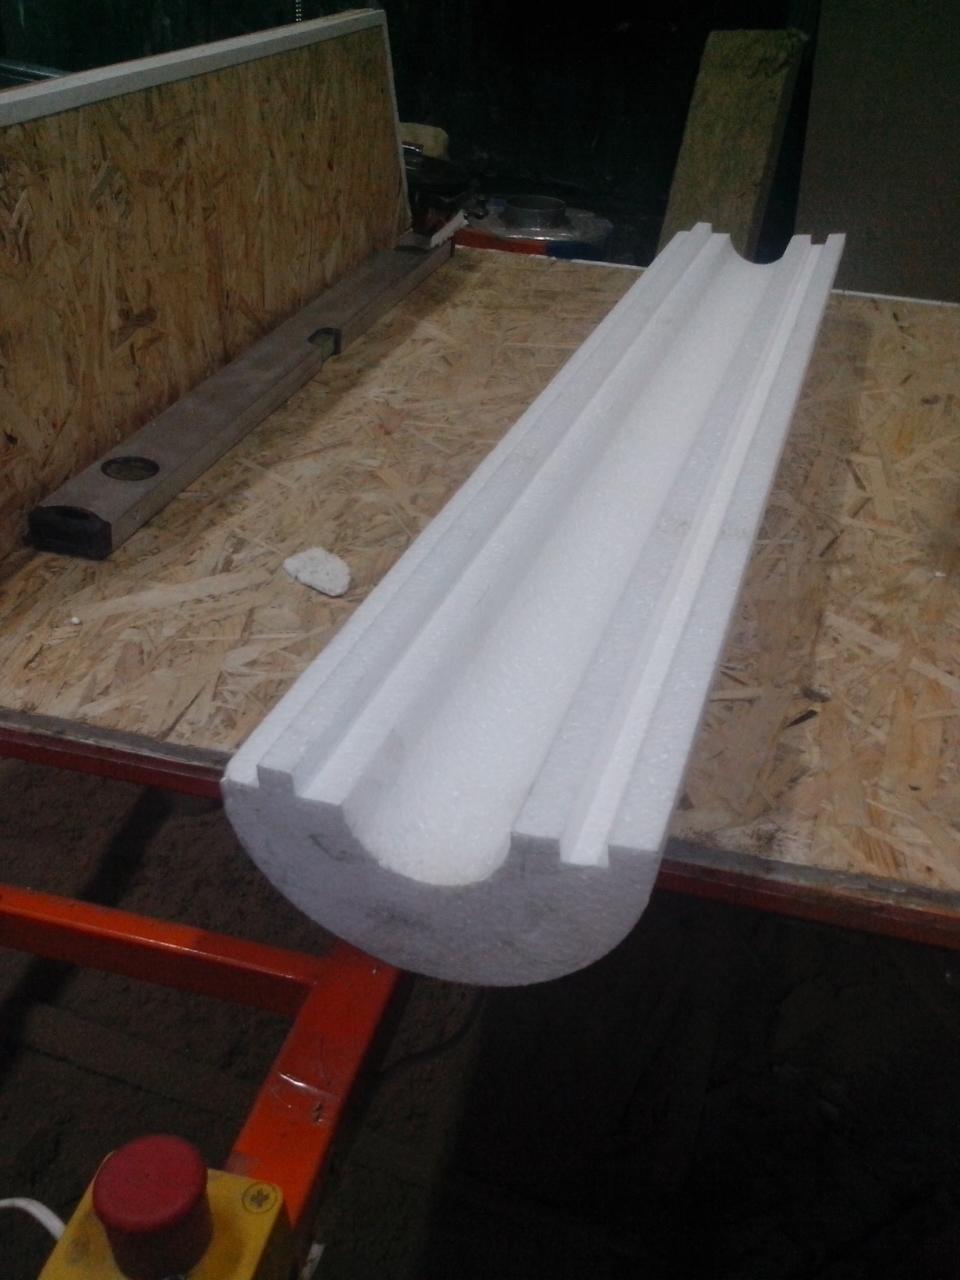 Утеплитель из пенопласта (пенополистирола) для труб Ø 38 мм толщиной 80 мм